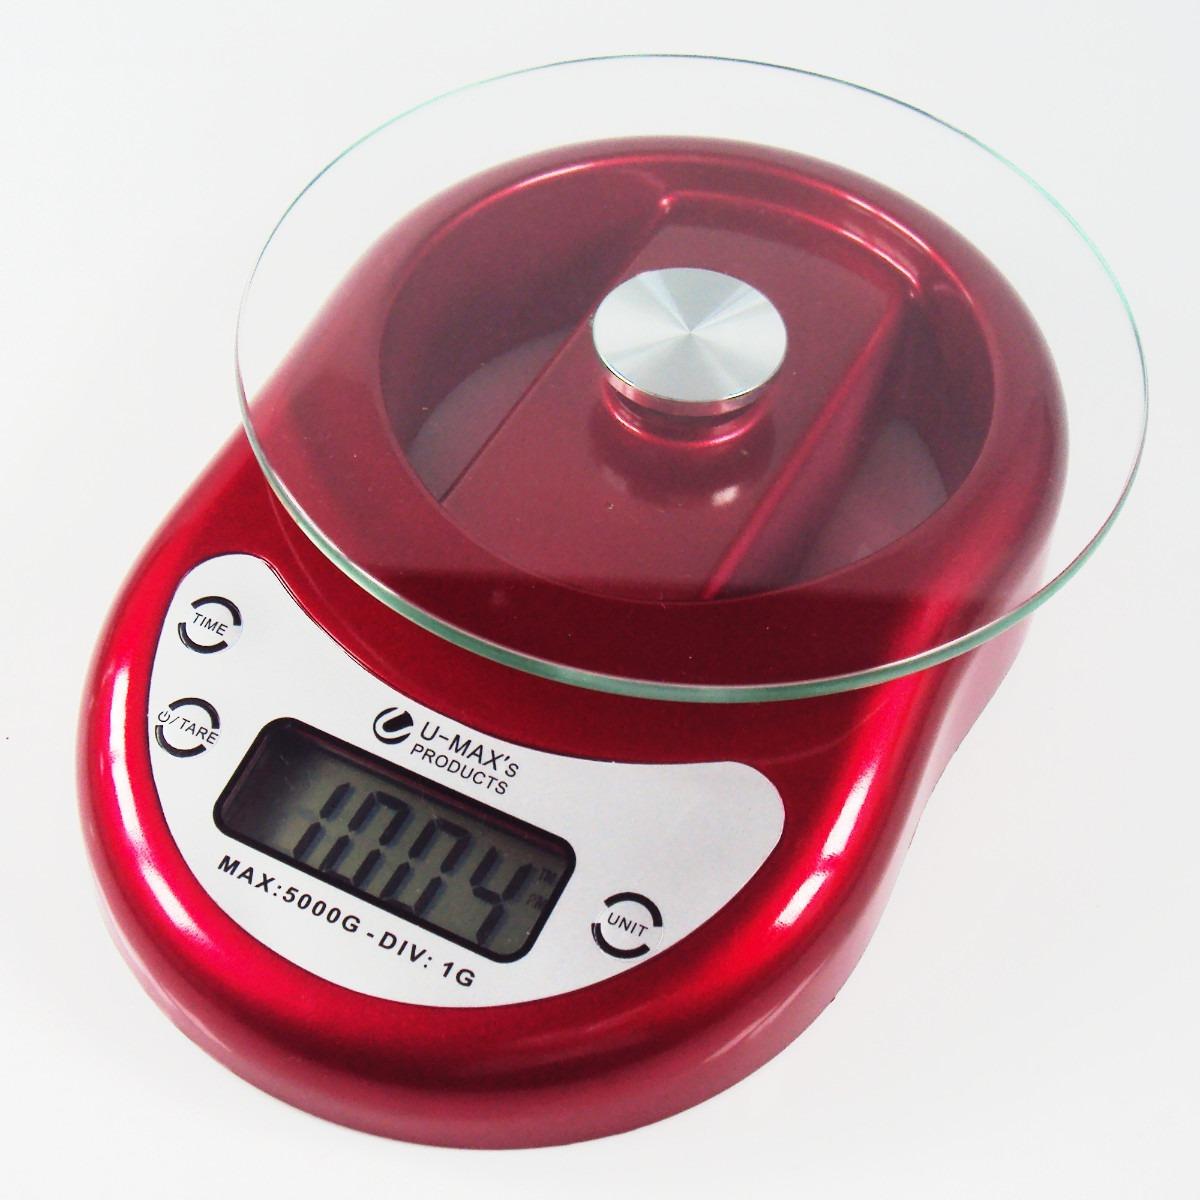 Balança De Cozinha Digital Com Relógio 5kg Vermelha Ek1 R$ 39 90  #B81330 1200x1200 Balança De Banheiro Mercadolivre